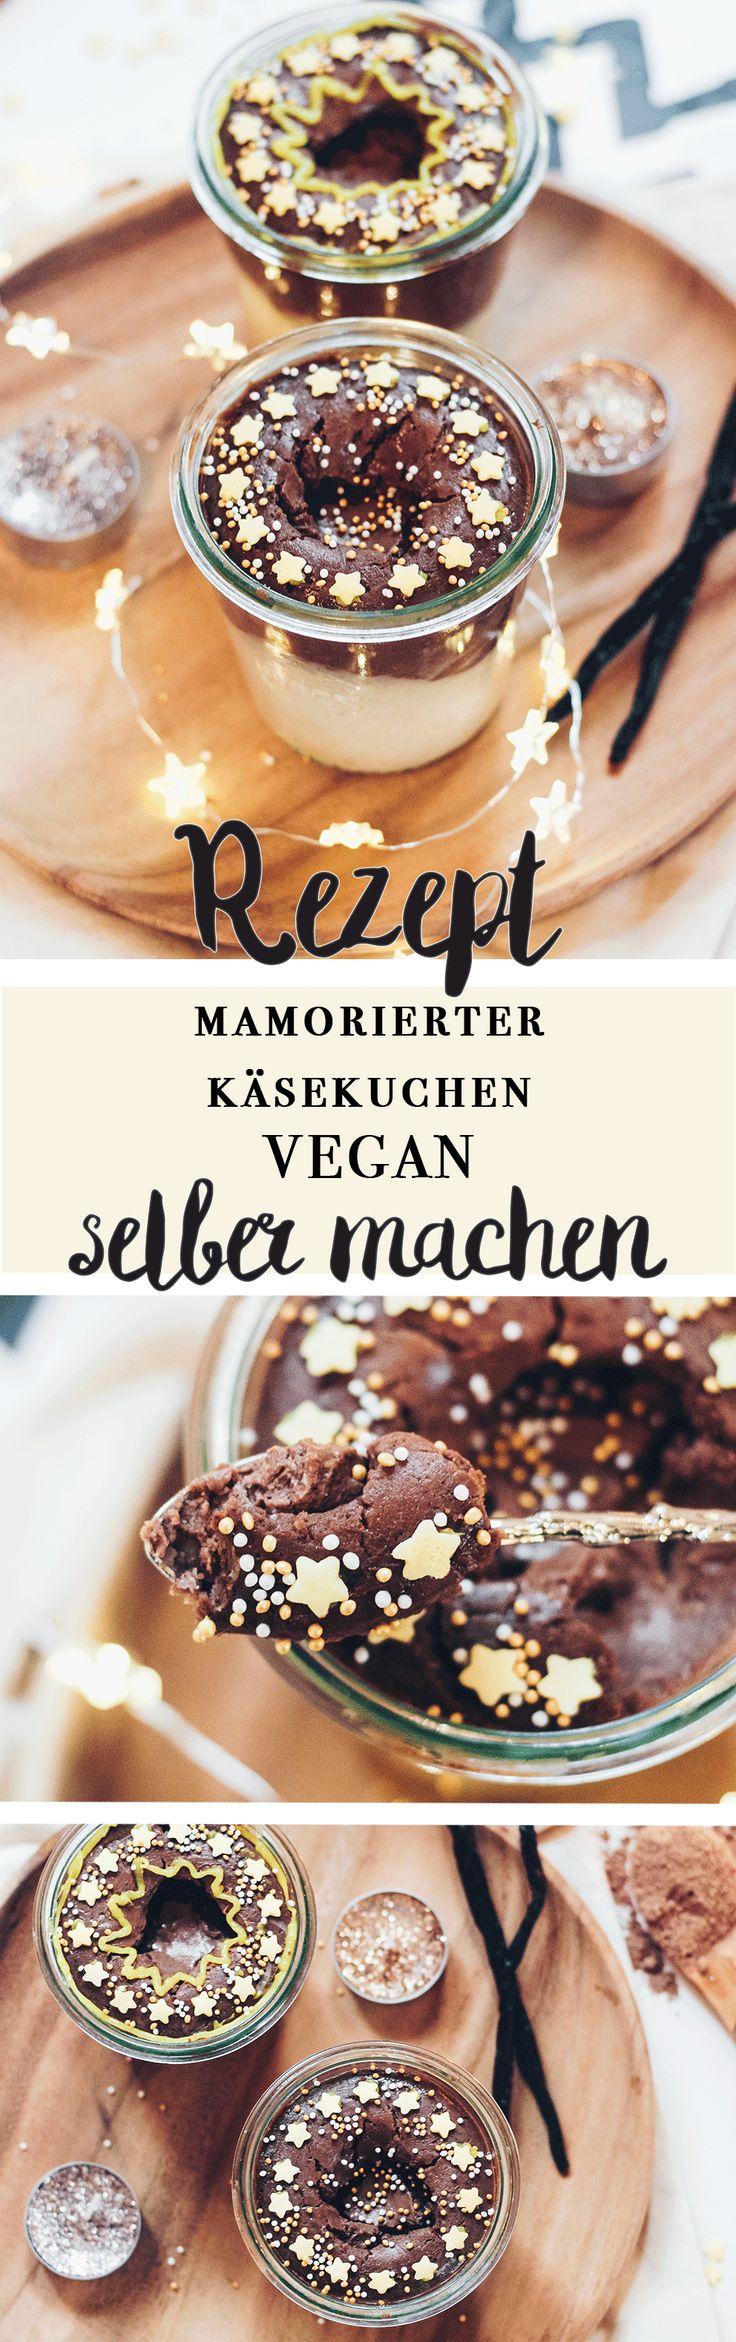 Marmorierter Käsekuchen im Glas // veganes Dessert Rezept auf VANILLAHOLICA.com . Marmorierter Käsekuchen im Glas // veganes Dessert Rezept Eines meiner Lieblingsrezepte meiner Oma war immer Käsekuchen. Daher hab ich das Rezept adaptiert und vegan gemacht. Das Rezept für einen einfachen, veganen Käsekuchen im Glas ist nun auf VANILLAHOLICA.com online. Ohne zugesetzten weißen Zucker, optional glutenfrei ist dieser vegane Käsekuchen zum selber machen geeignet.